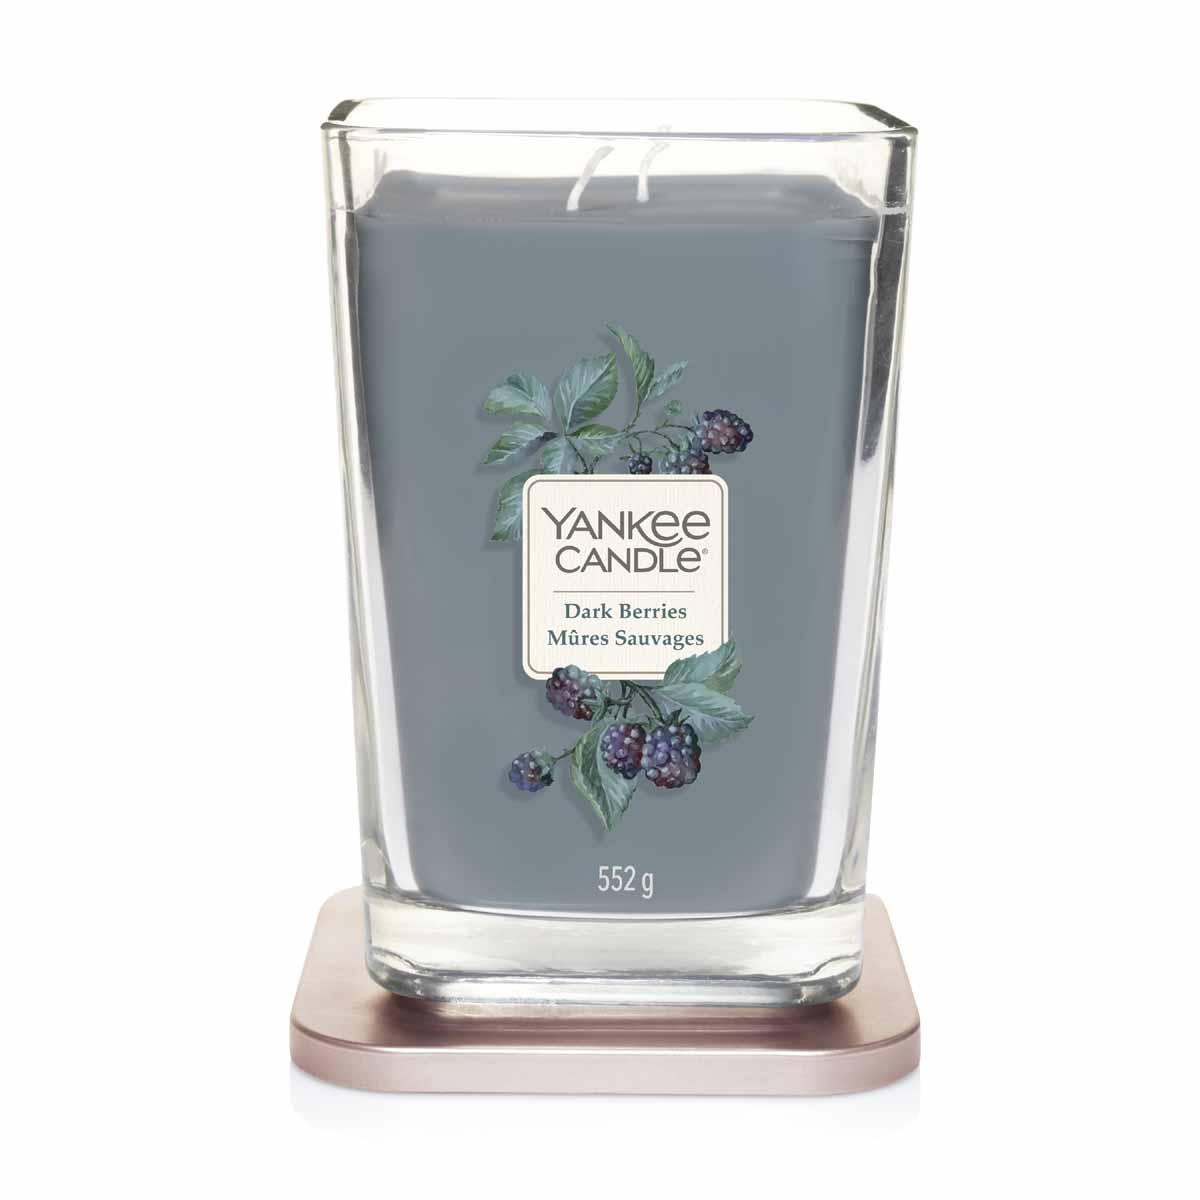 Yankee Candle Dark Berries Giara Grande